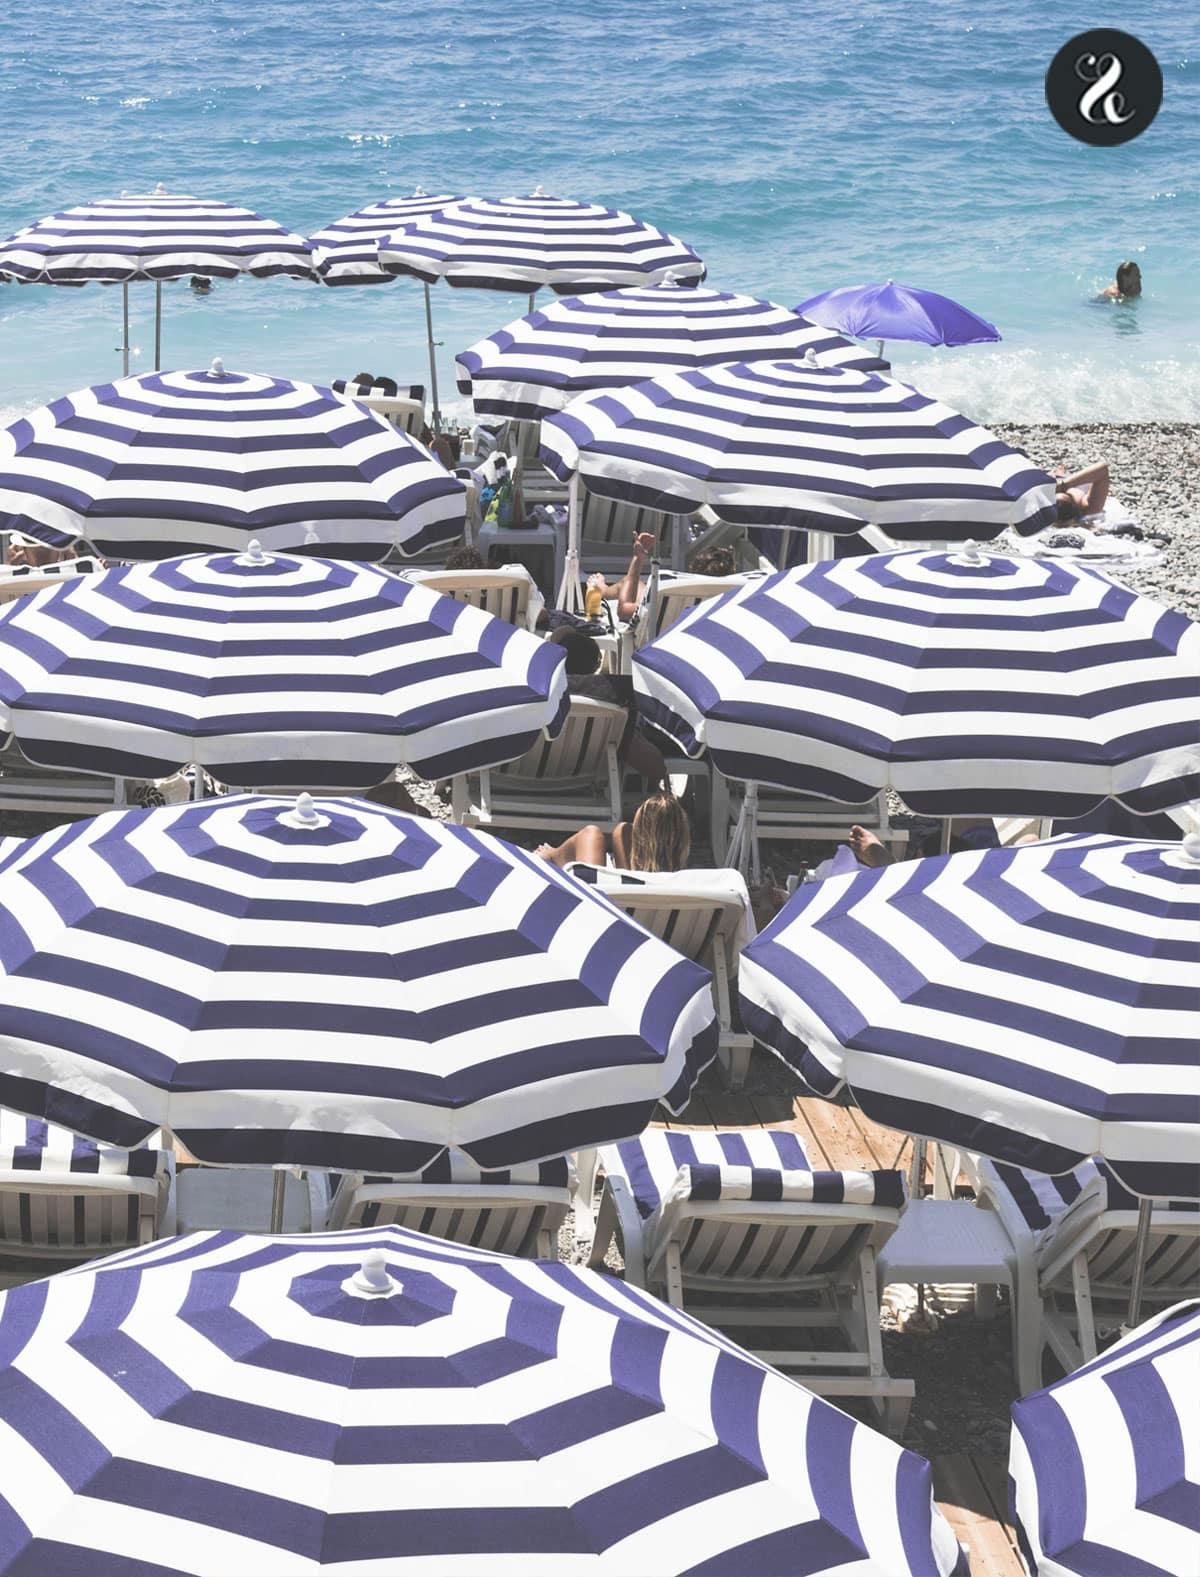 Guía de viaje La Provenza - Costa Azul - Promenade des Anglais, Niza